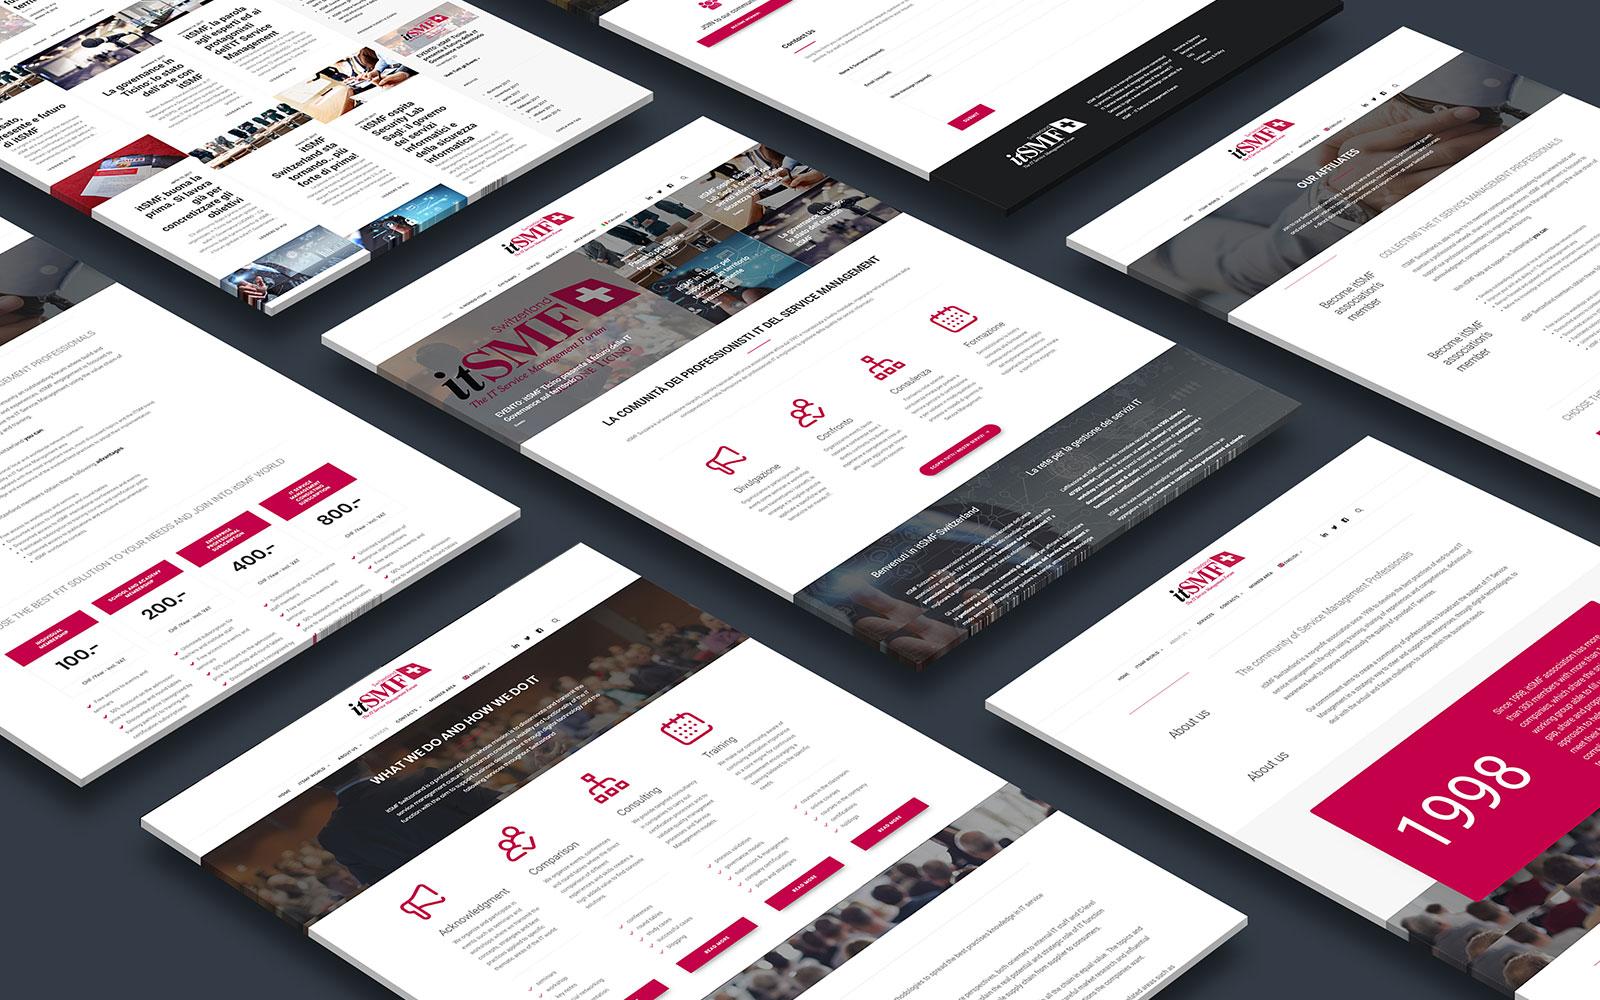 itsmf-sito-web-aziendale-sviluppato-da-manthea-lugano